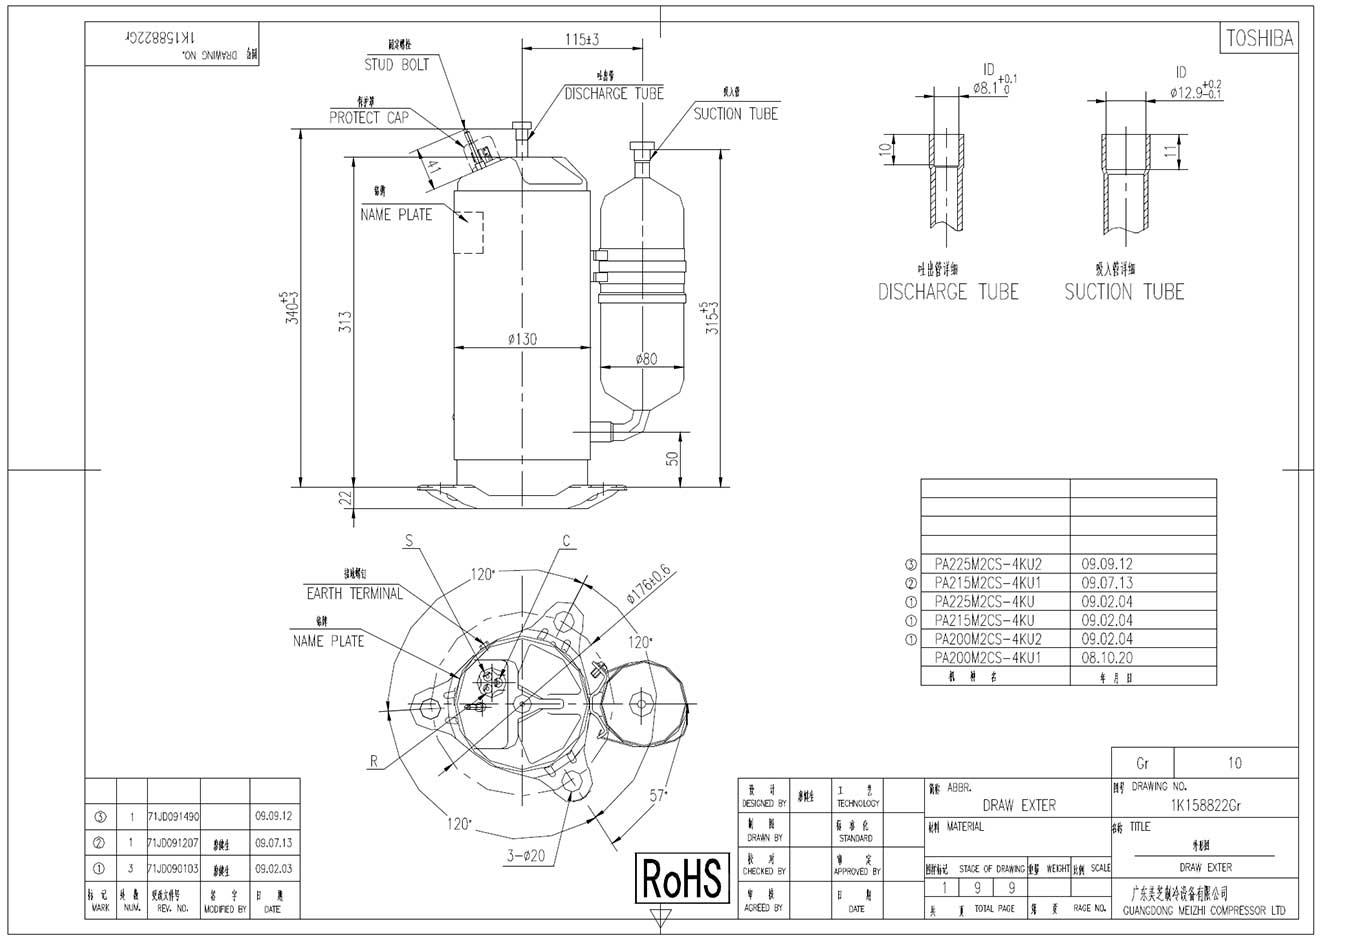 GMCC PA215M2CS-4KU характеристики